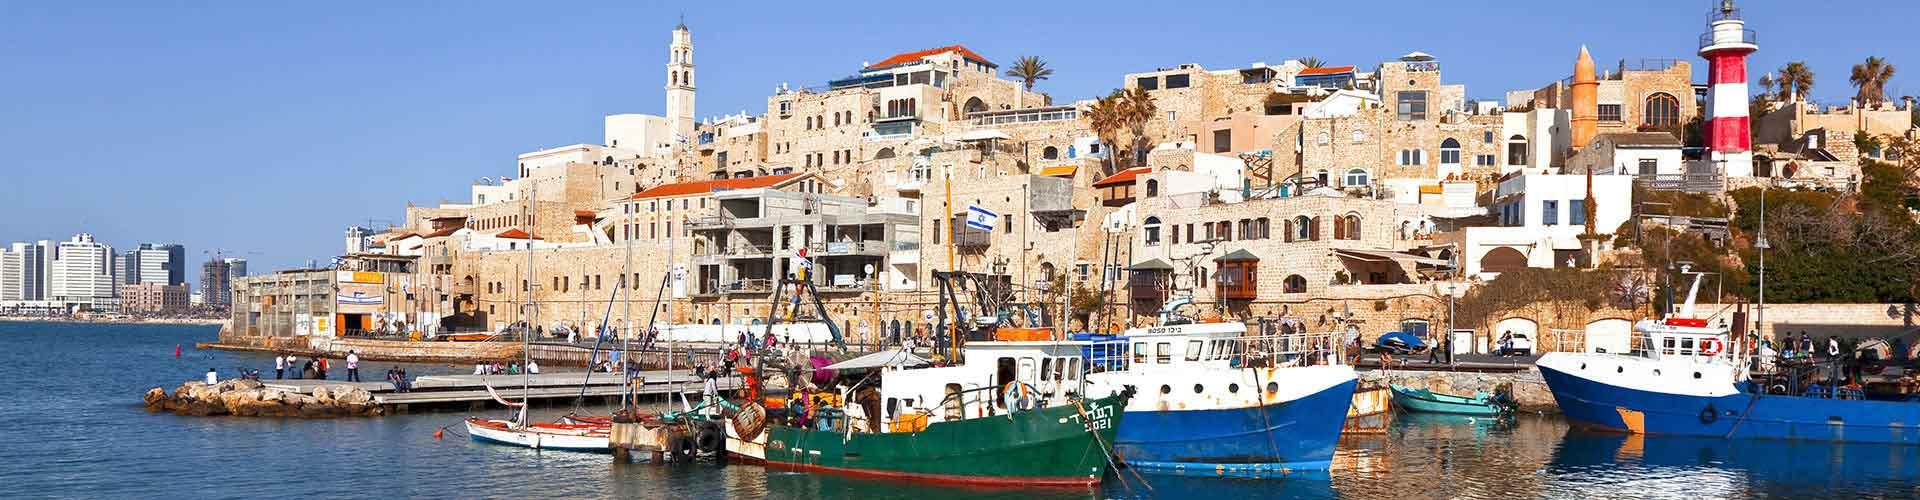 Tel Aviv – Hostels in Tel Aviv. Karten für Tel Aviv. Fotos und Bewertungen für jedes Hostel in Tel Aviv.